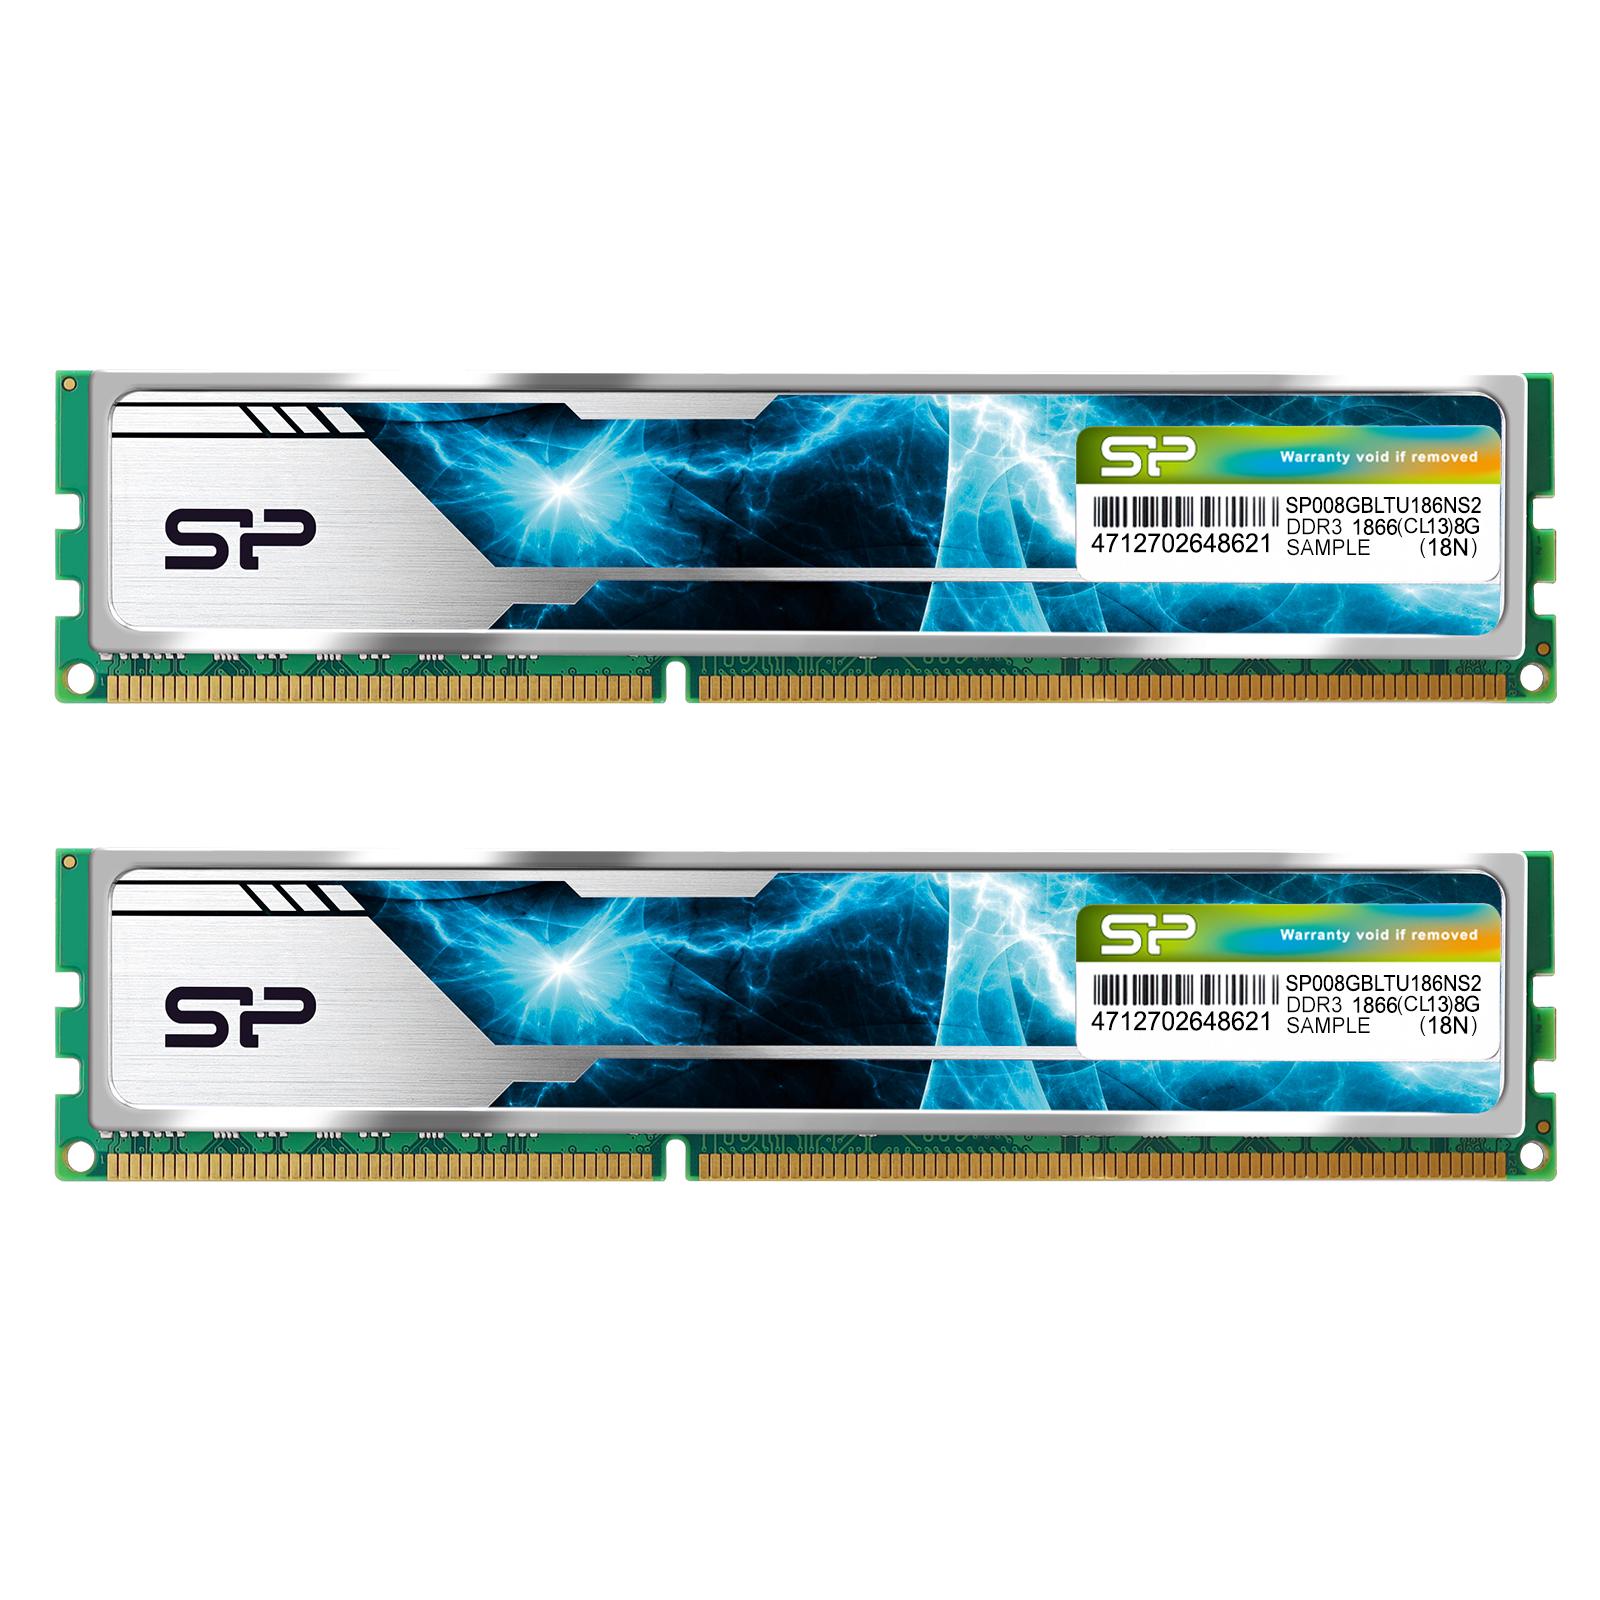 DDR3 UDIMM<br>(Heatsink)<br><font color='#888888' size='2%'>1866/1600 </font>